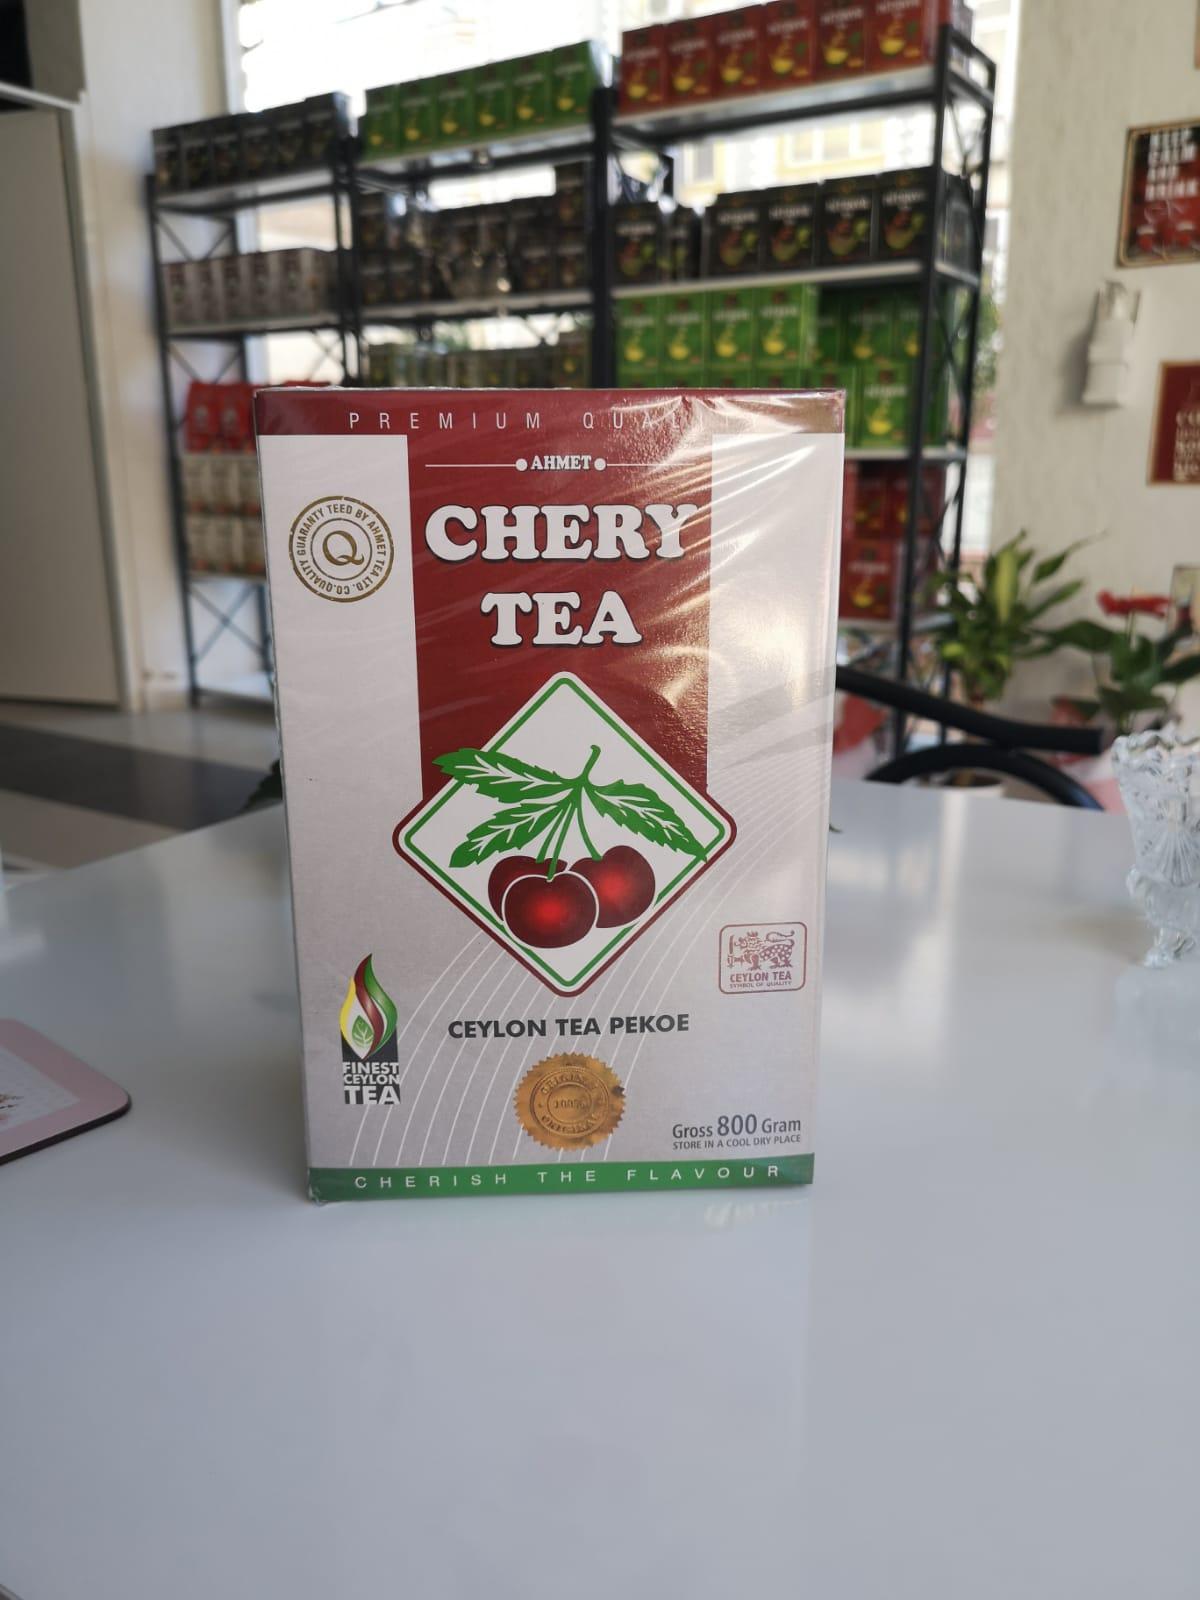 Ahmet Chery Tea Ceylon Tea Pekoe 800gr